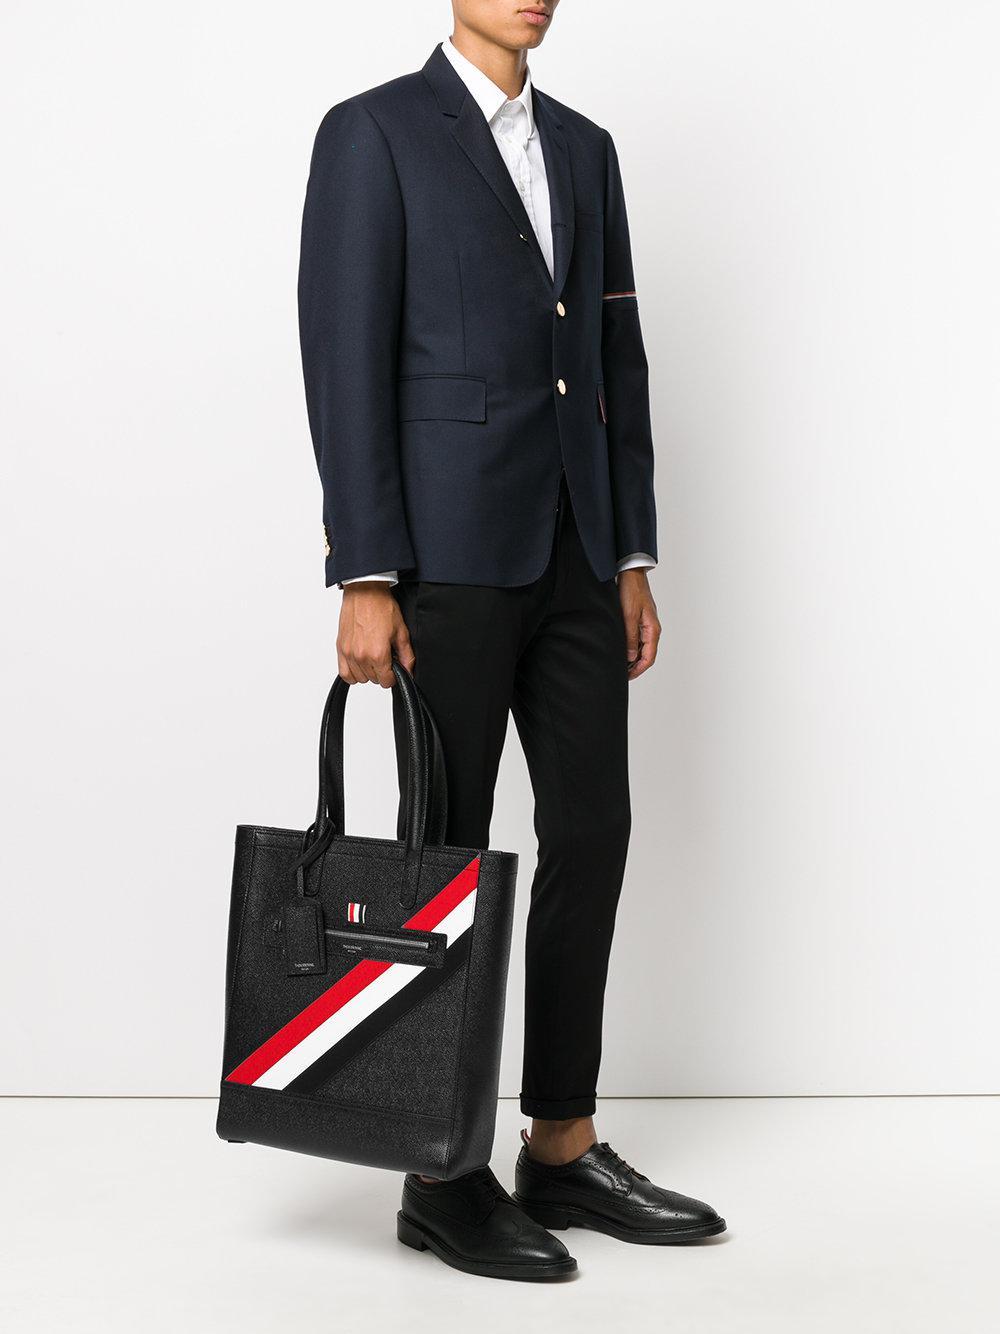 Thom Browne Leather Signature Tri-stripe Tote Bag in Black